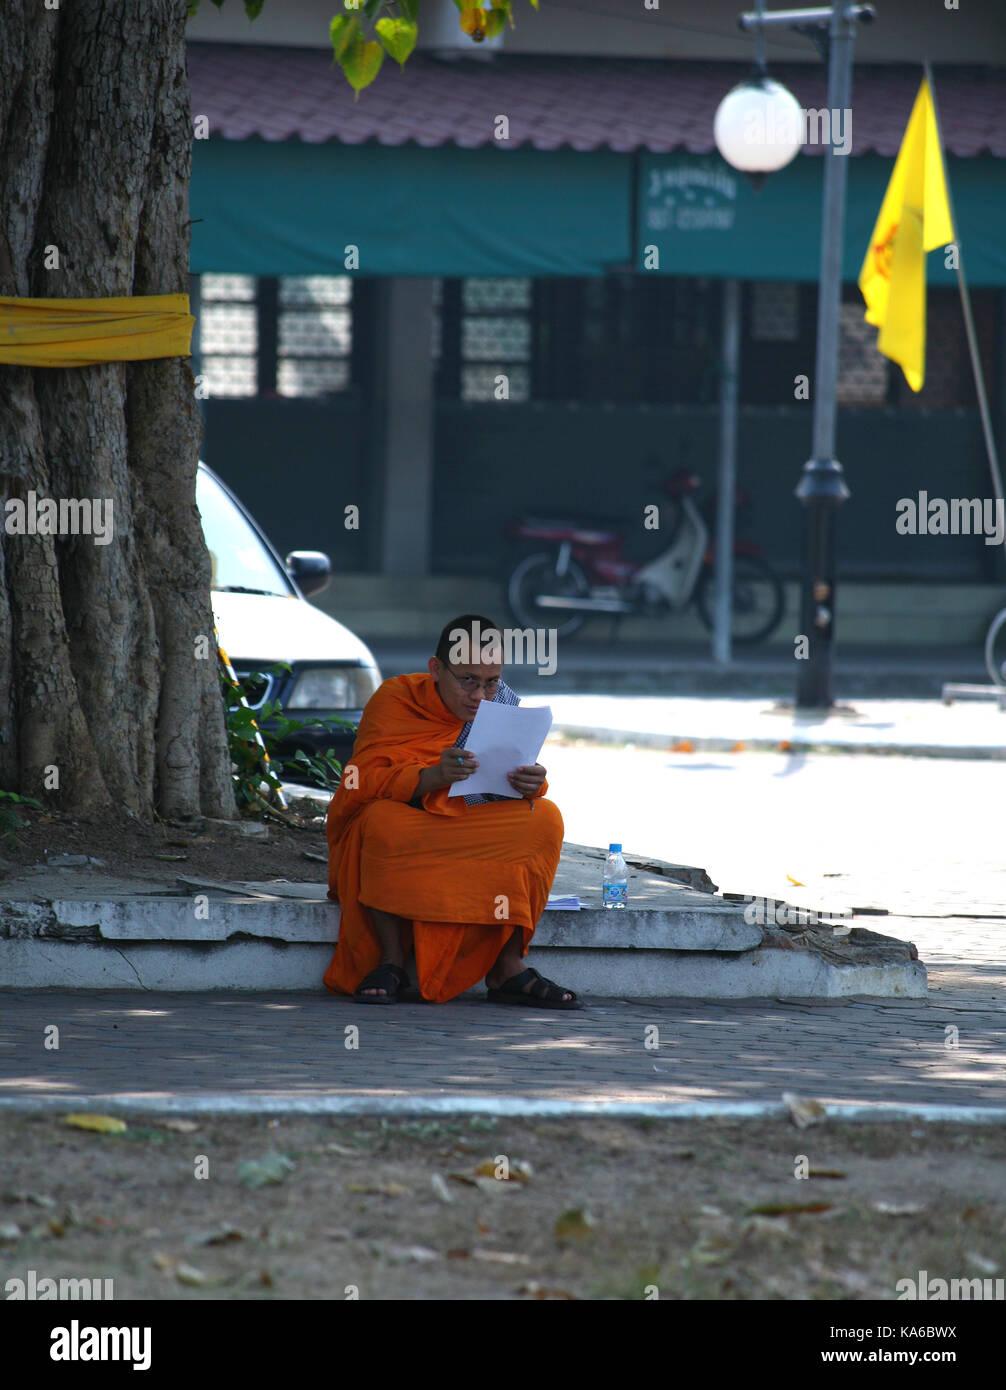 La vie quotidienne dans un monastère Bouddhiste. Le moine bouddhiste lit un livre sous un arbre. Photo Stock